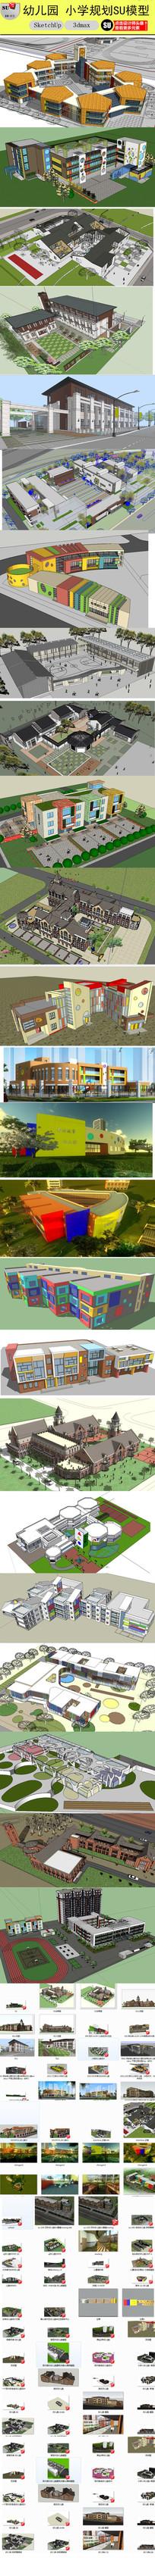 幼儿园规划设计SU模型